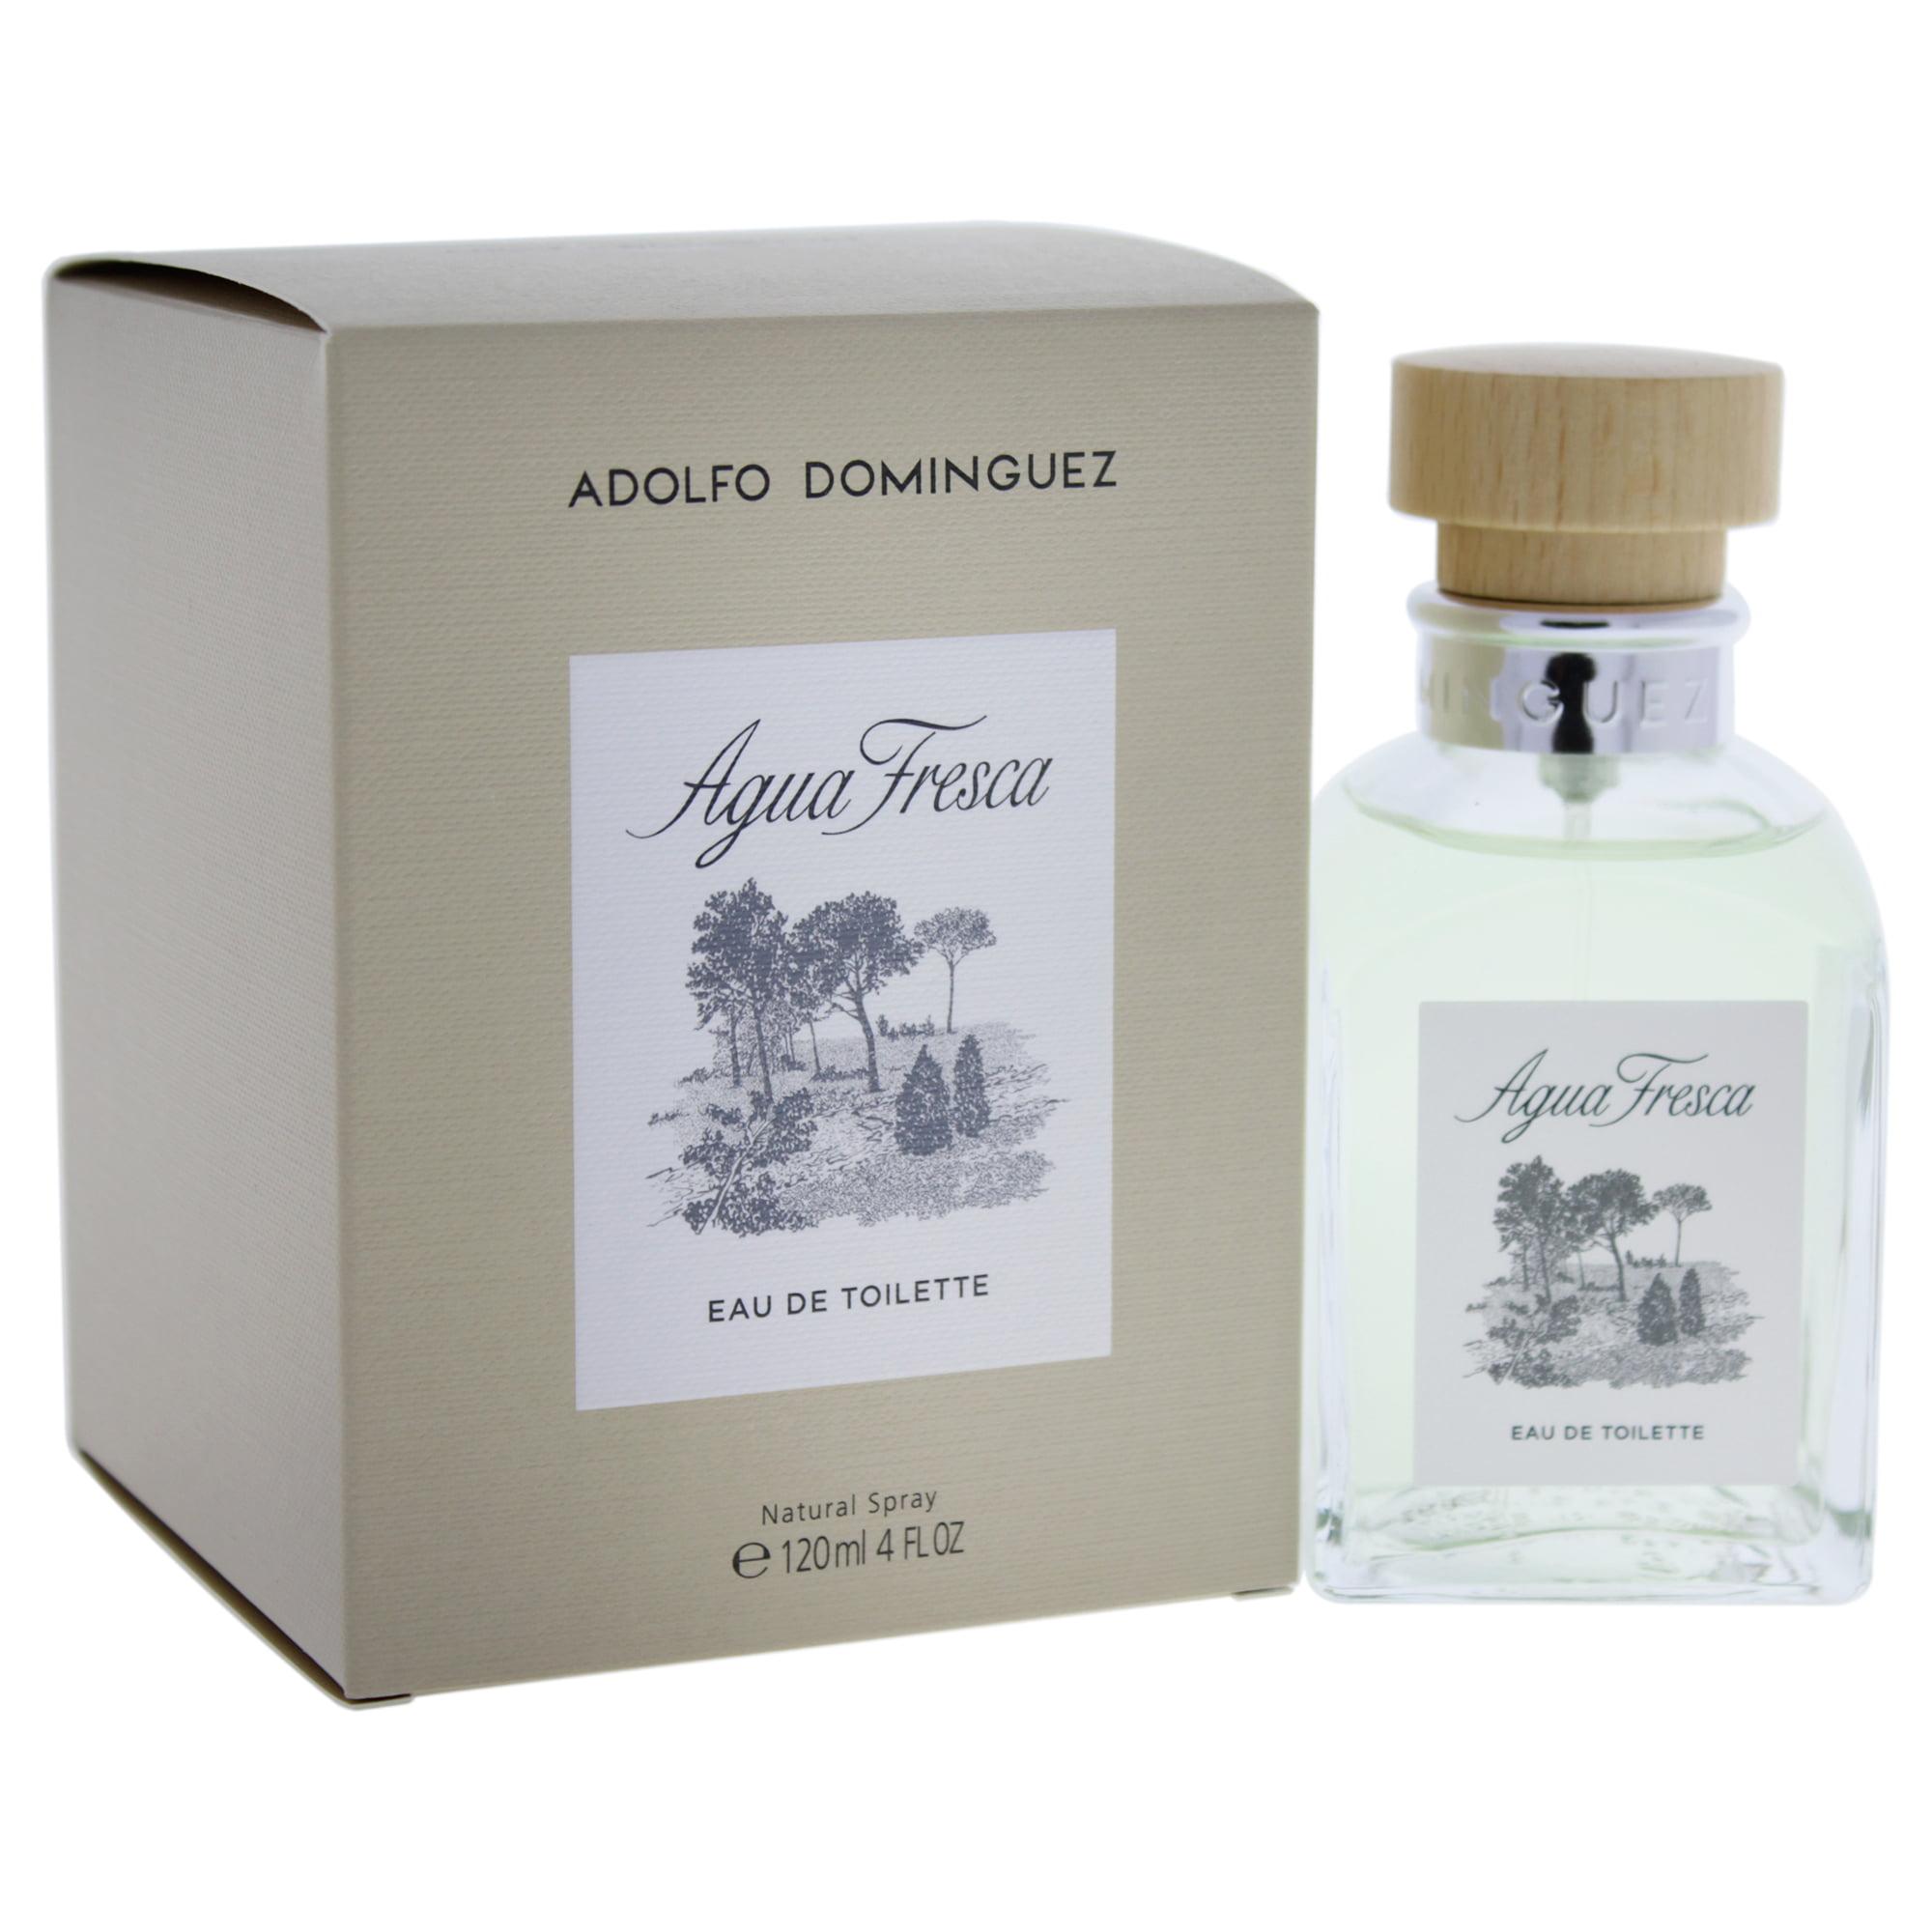 Image of Agua Fresca